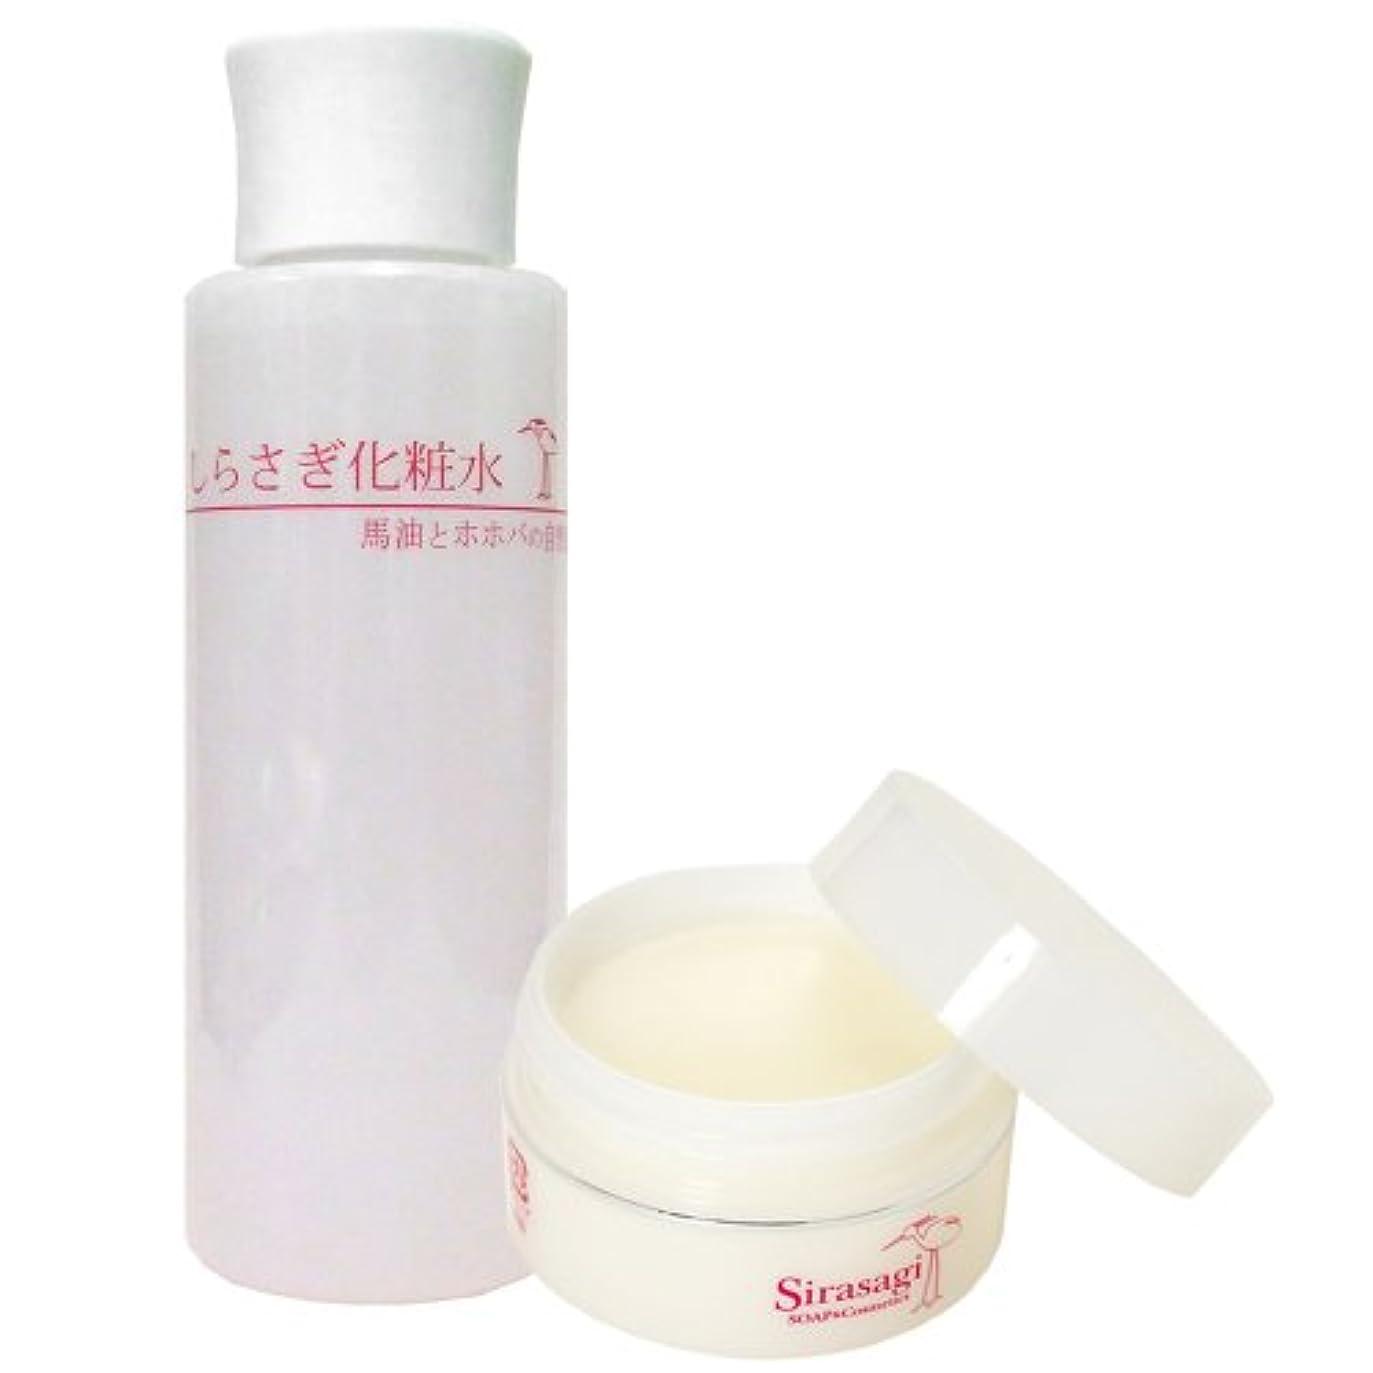 ミシン刃嫌なしらさぎクリーム(無香料)と新しらさぎ化粧水のセット